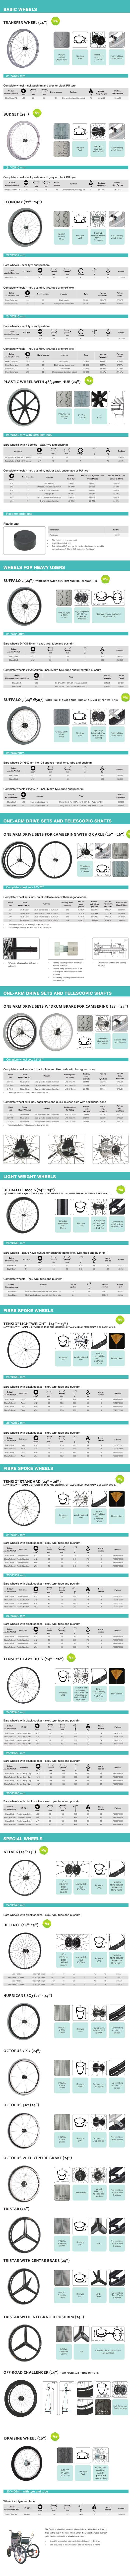 колёса для инвалидных колясок